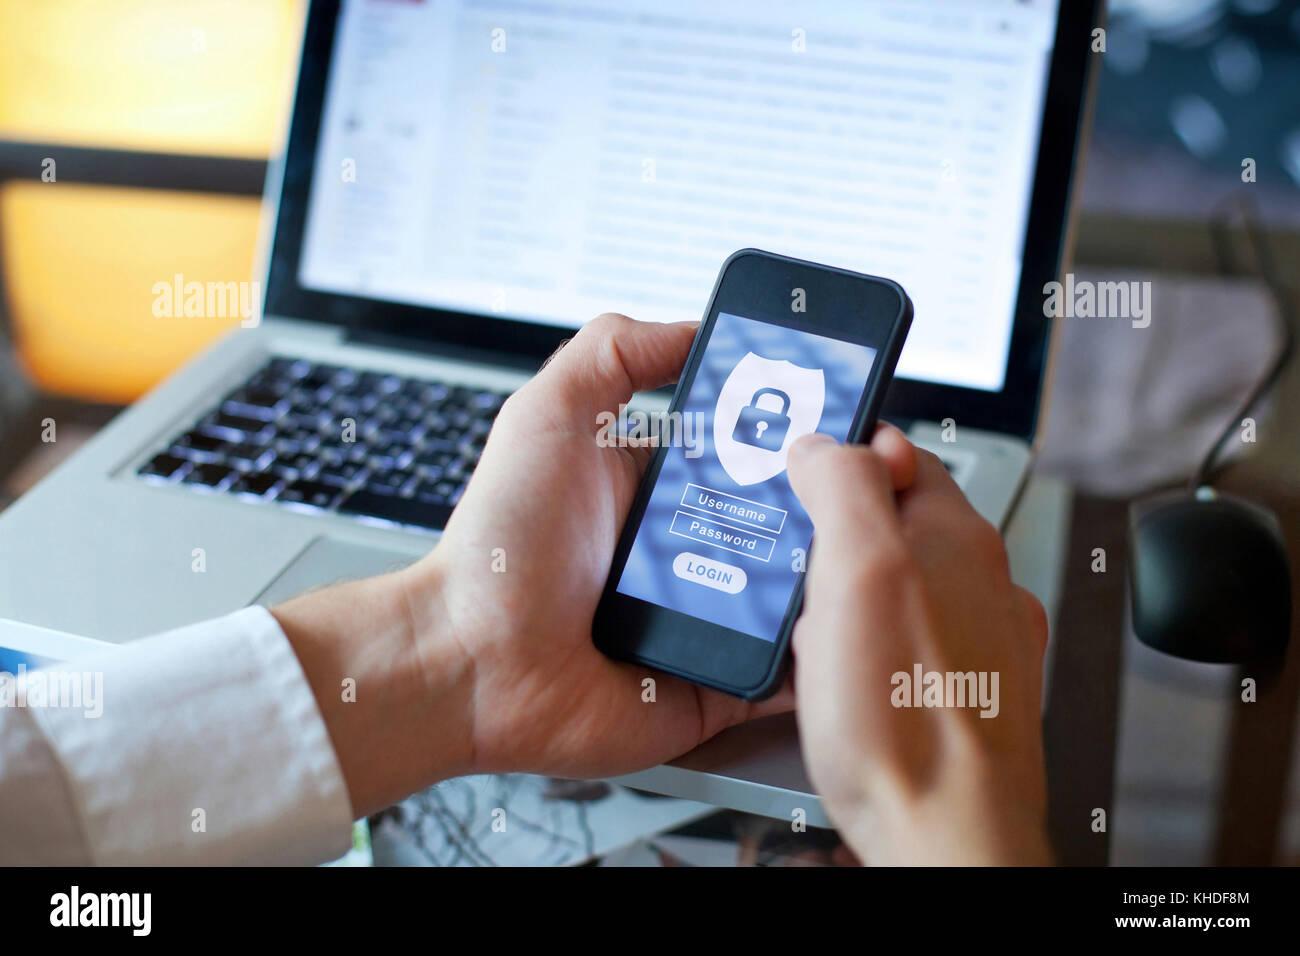 Daten Sicherheitskonzept, mobilen Zugriff auf Anwendungen, Login und Passwort Stockbild